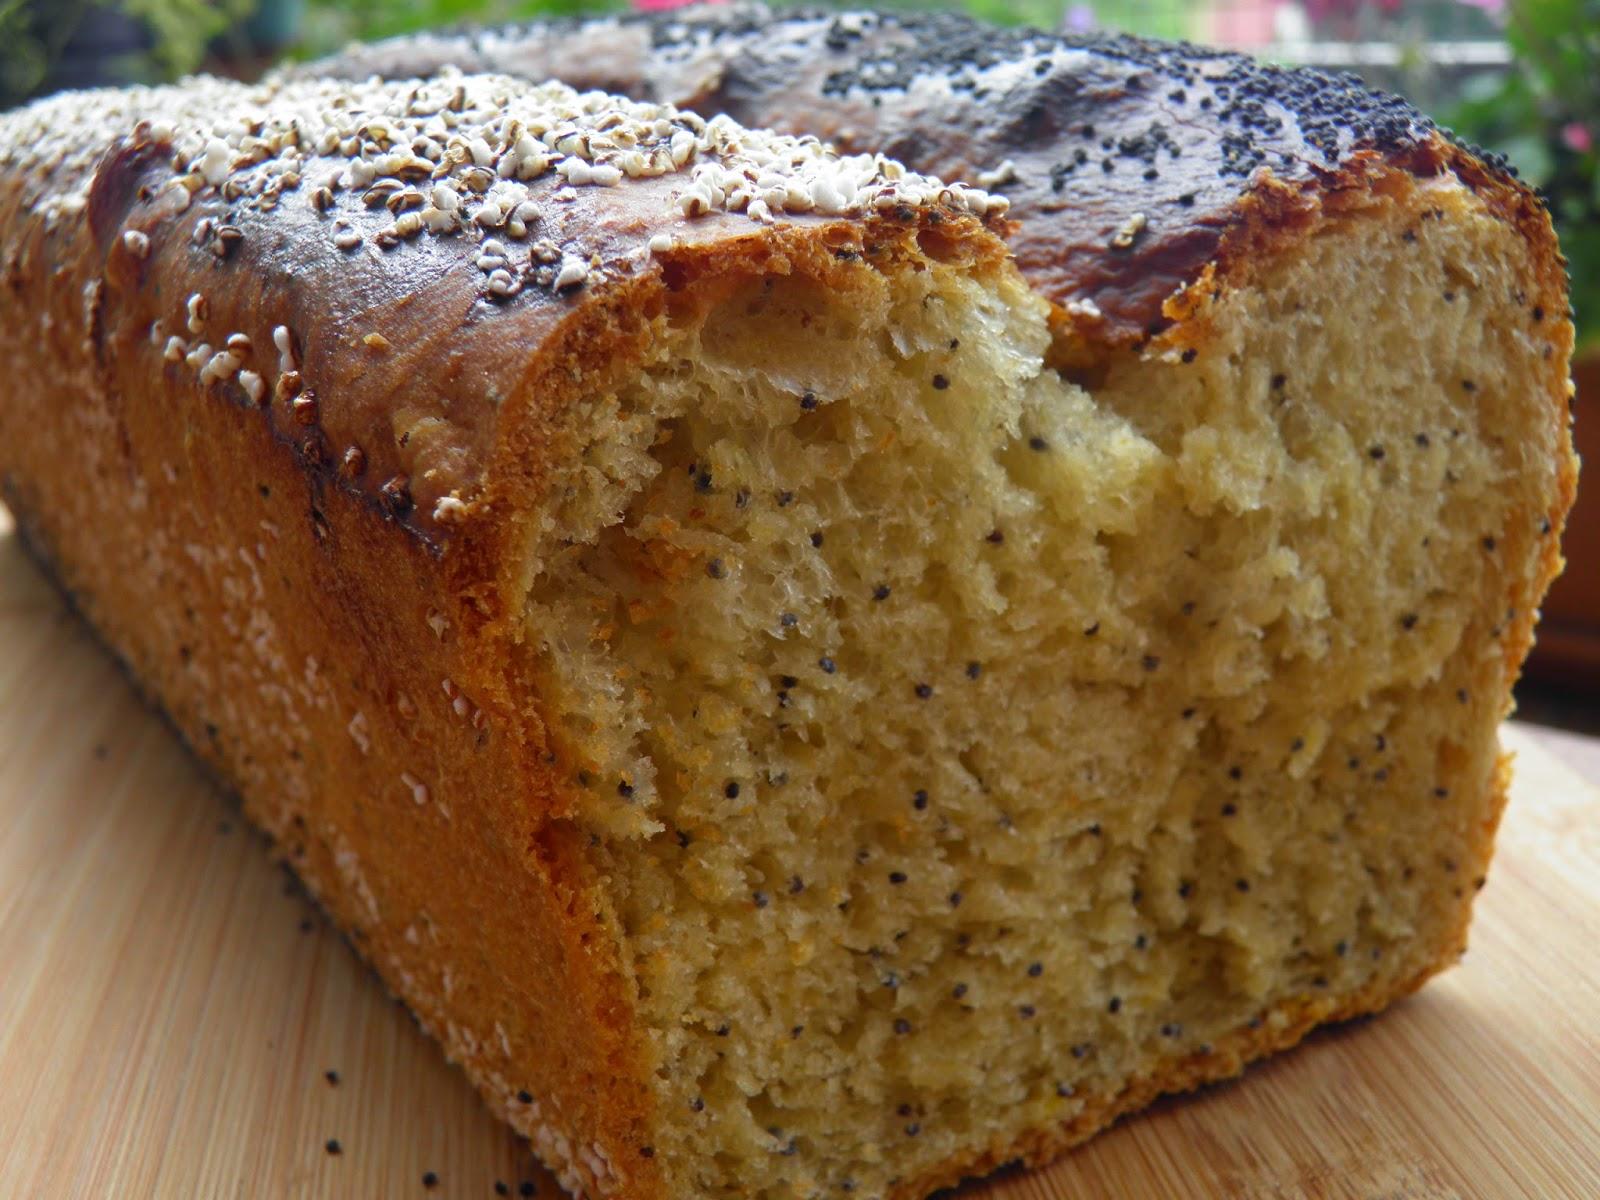 Tostowy chleb pszenny z makiem i amarantusem